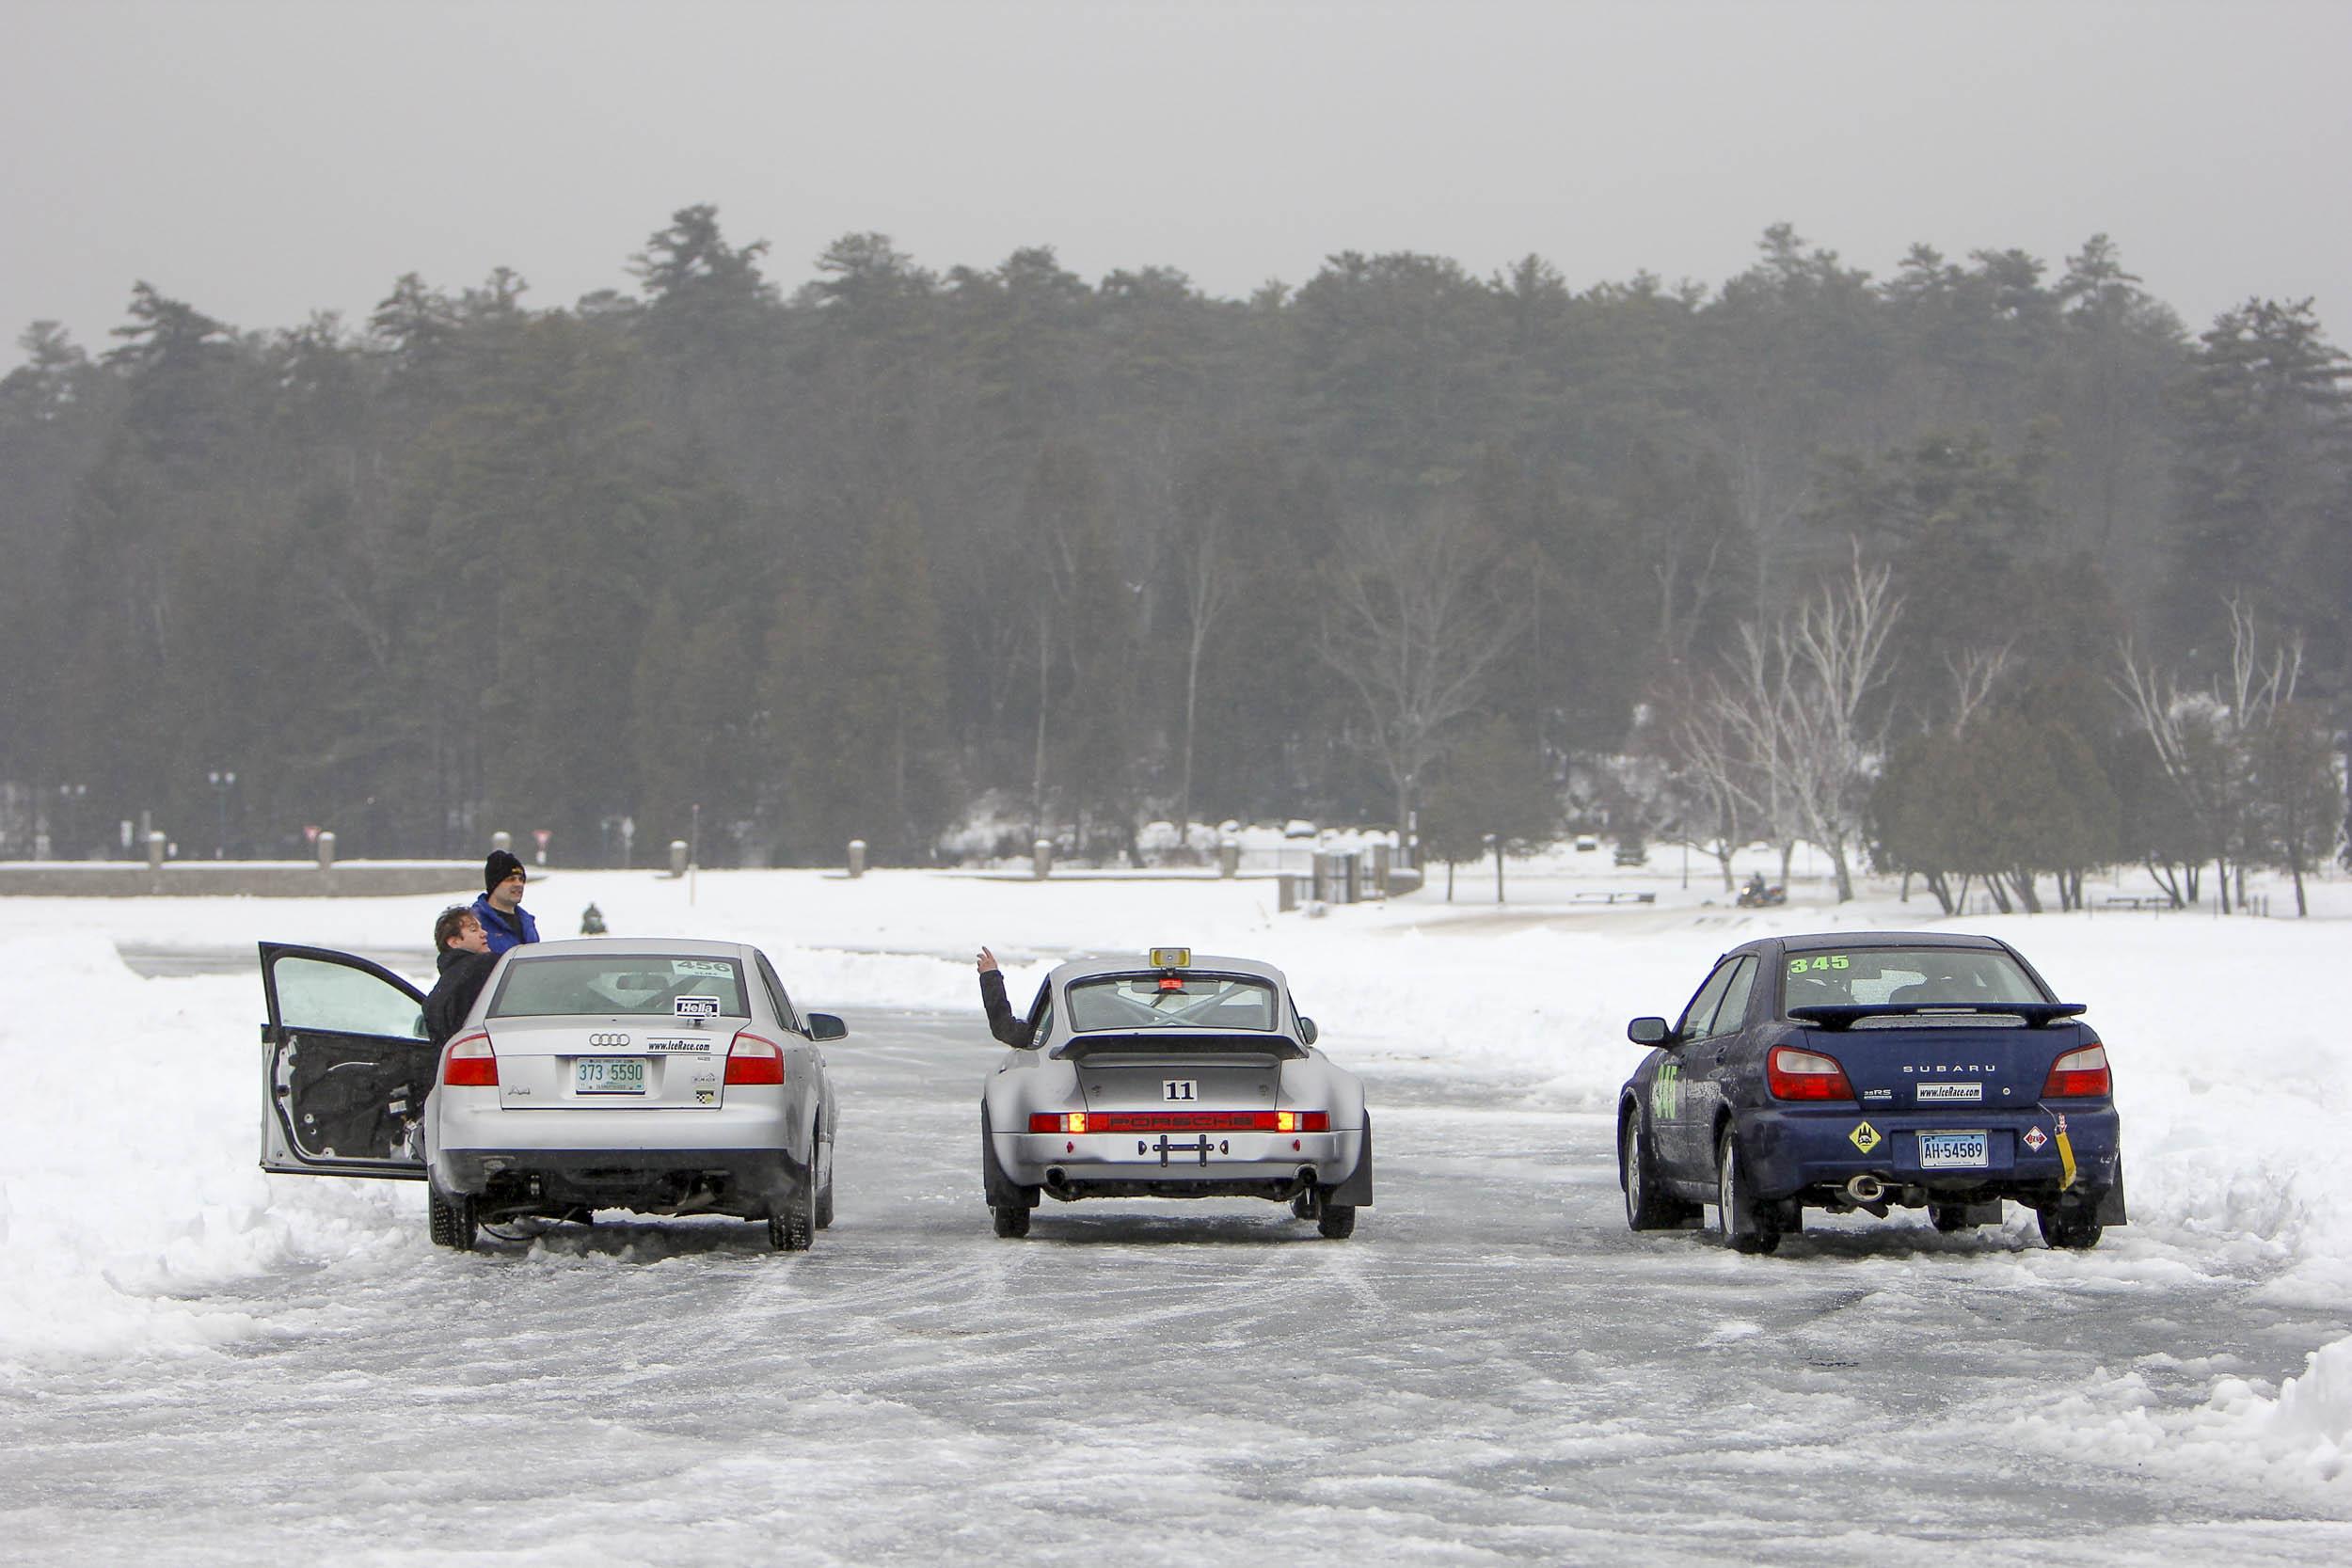 Subaru, Audi and Porsche ice racers